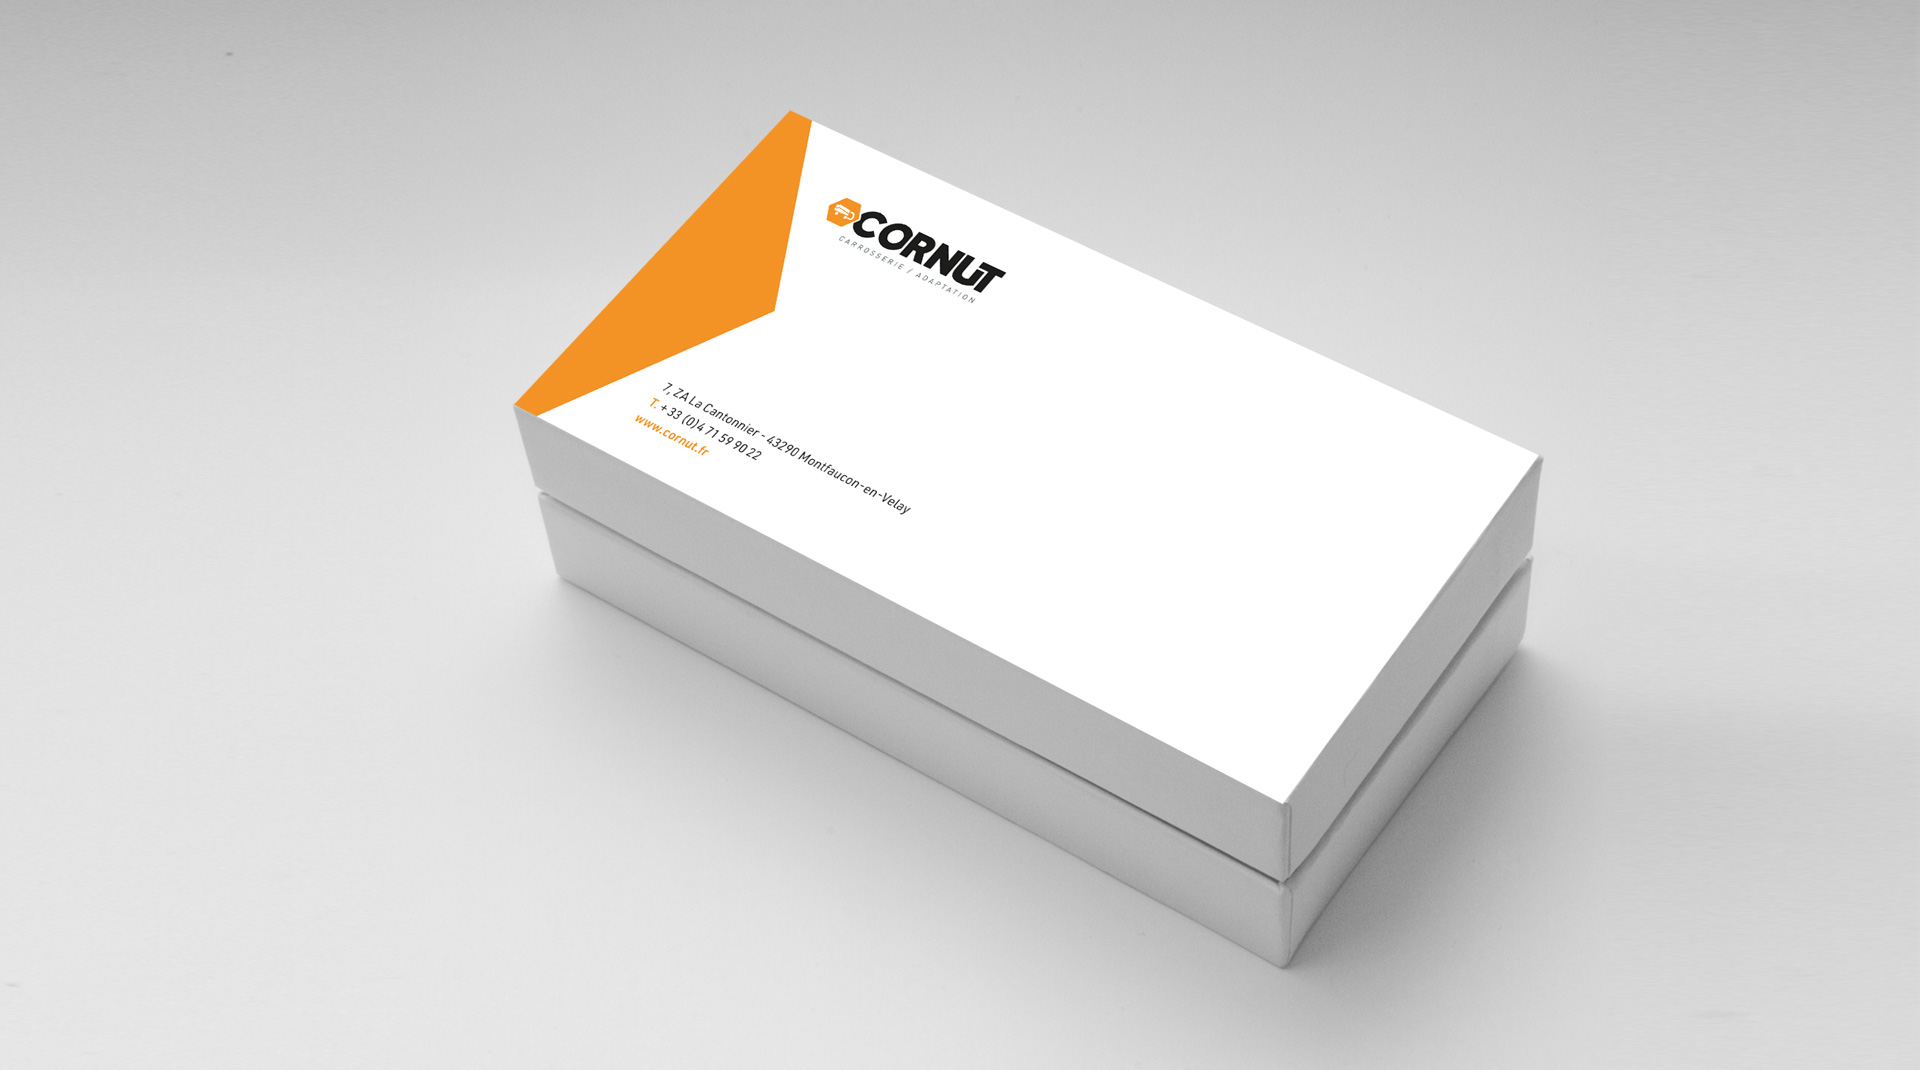 Image de marque du groupe Cornut en Haute-Loire